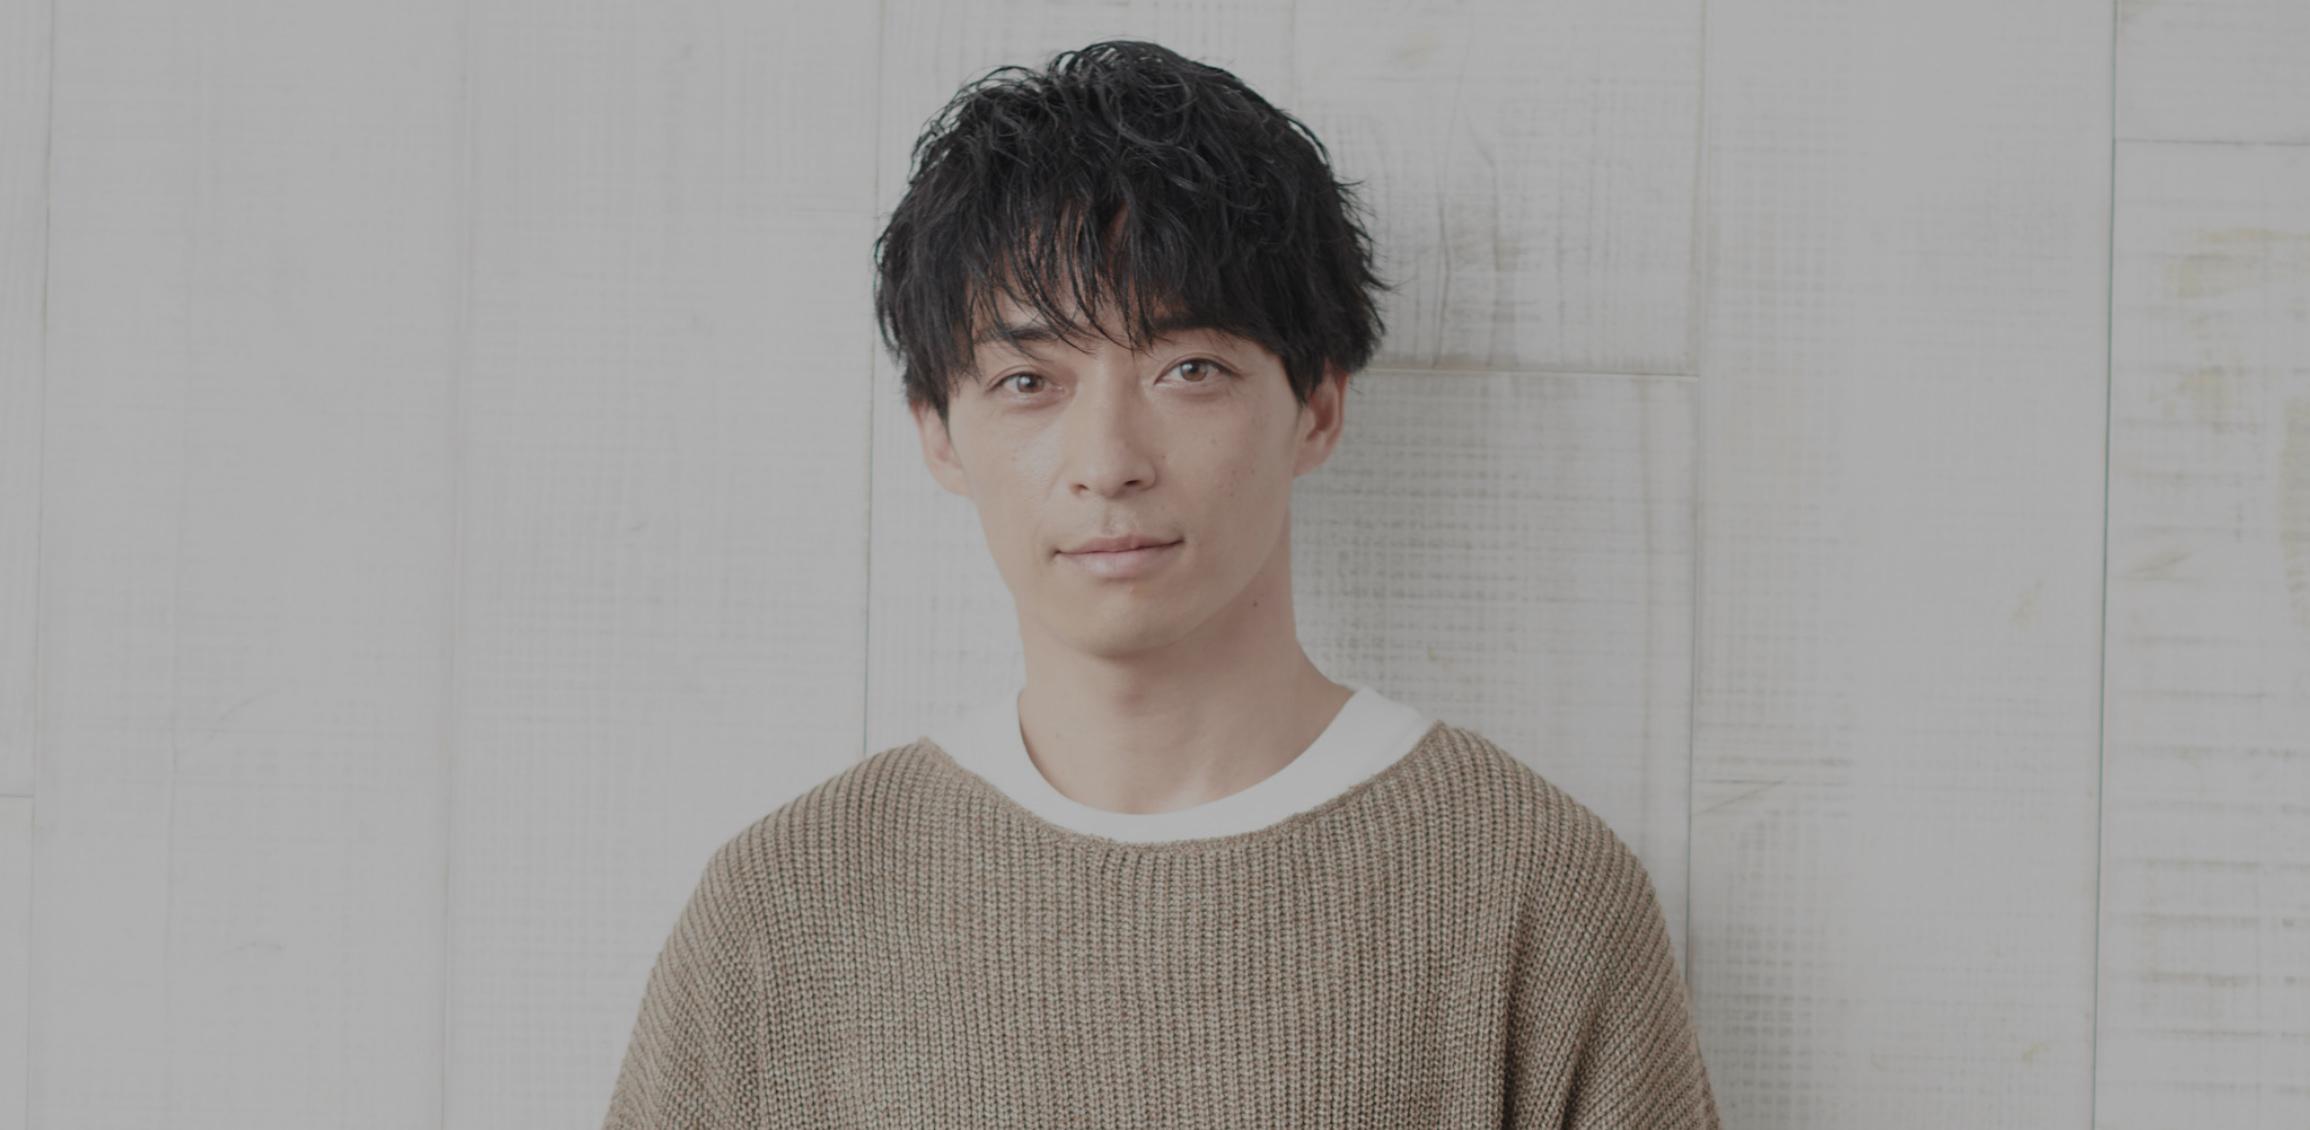 ボイス&ムービー | 川田将雅オフィシャルサイト